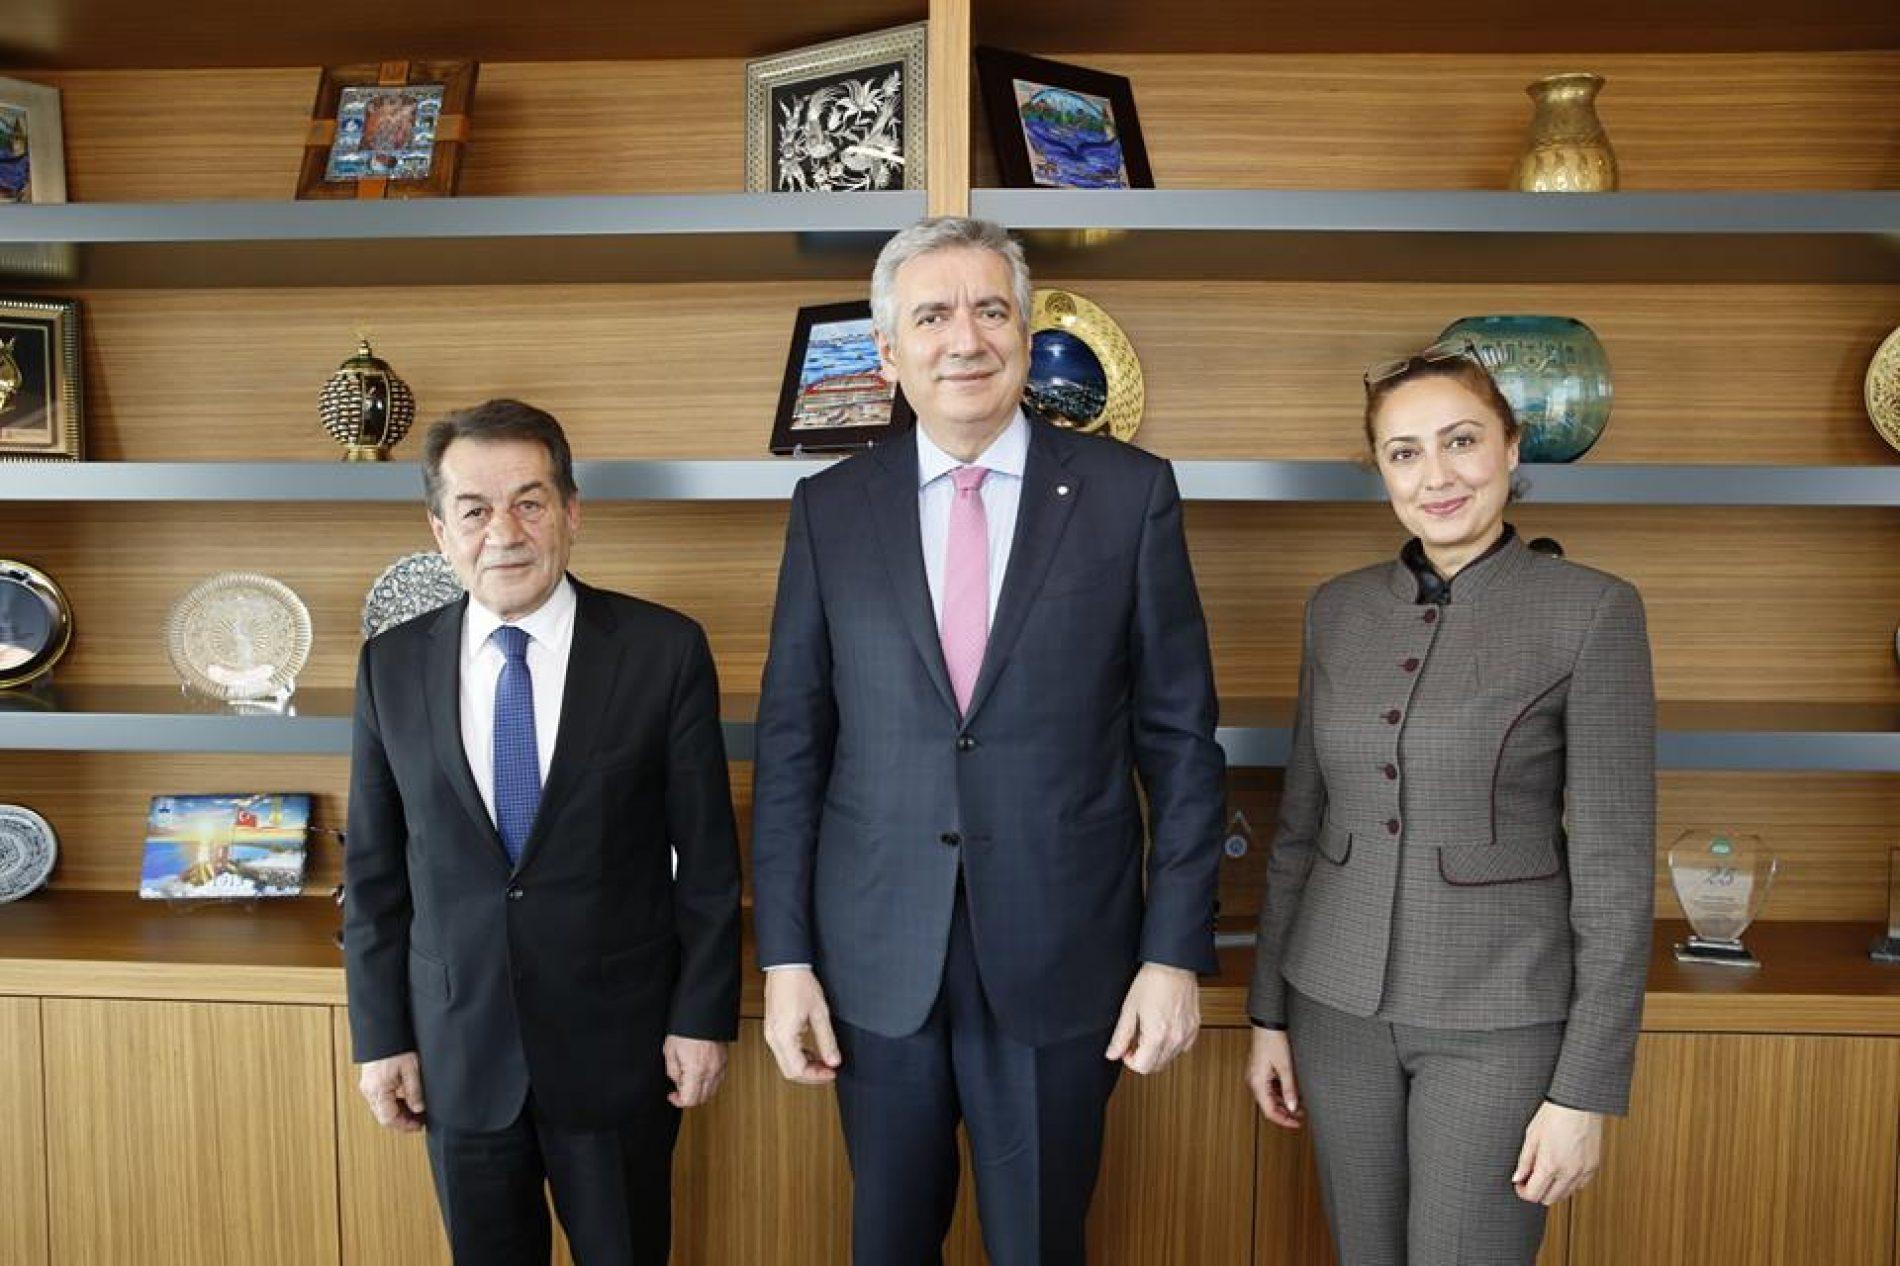 TBD Genel Başkanı Rahmi Aktepe ve TBD İstanbul Şubesi Yönetim Kurulu Başkanı Deniz Tiryakioğlu İSO Başkanı Erdal Bahçıvan'ı Ziyaret Etti